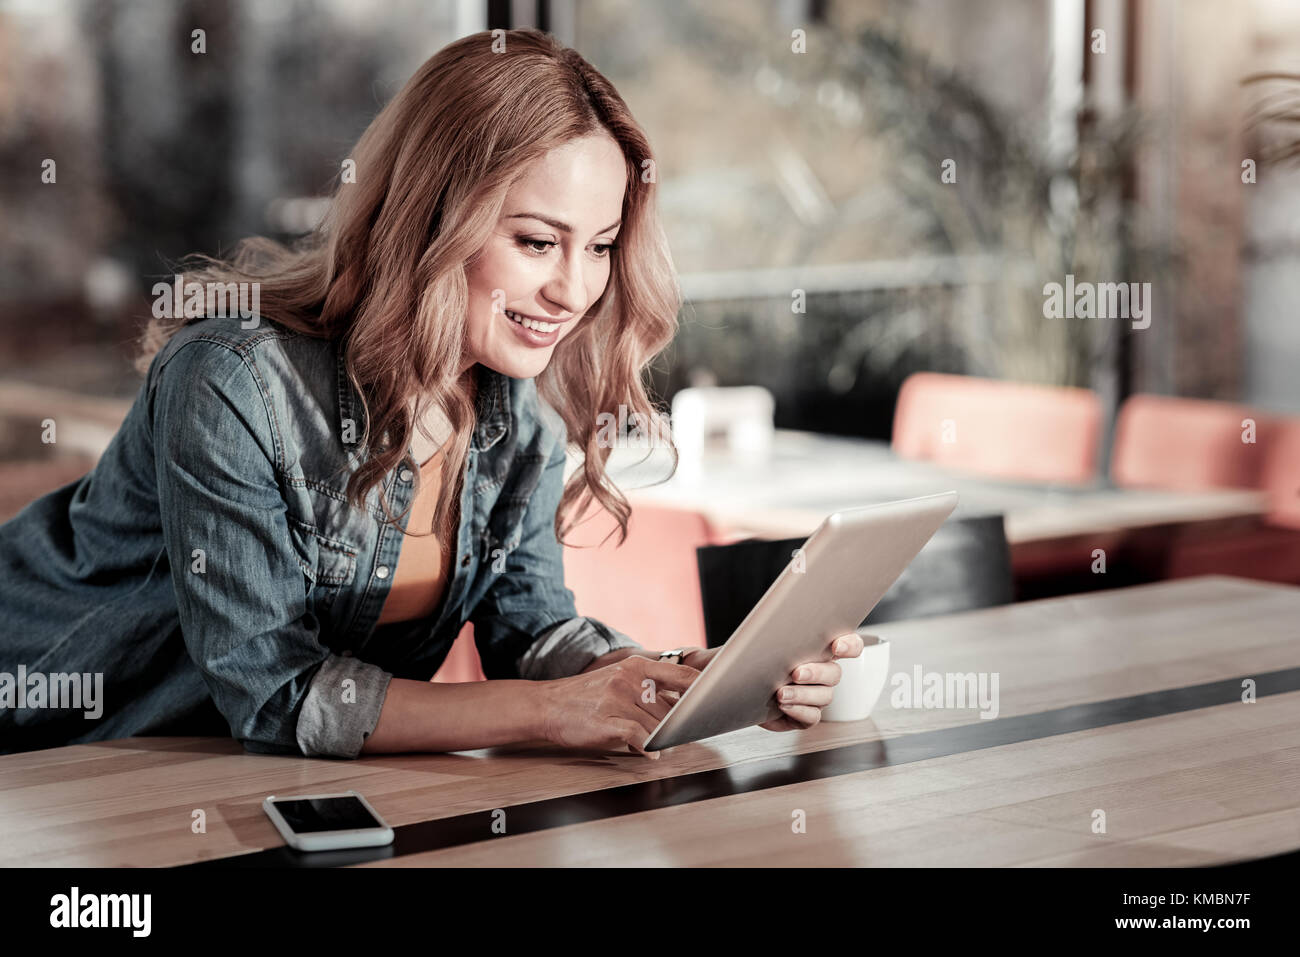 Joven positivo mirando su tableta moderna y sonriente Imagen De Stock